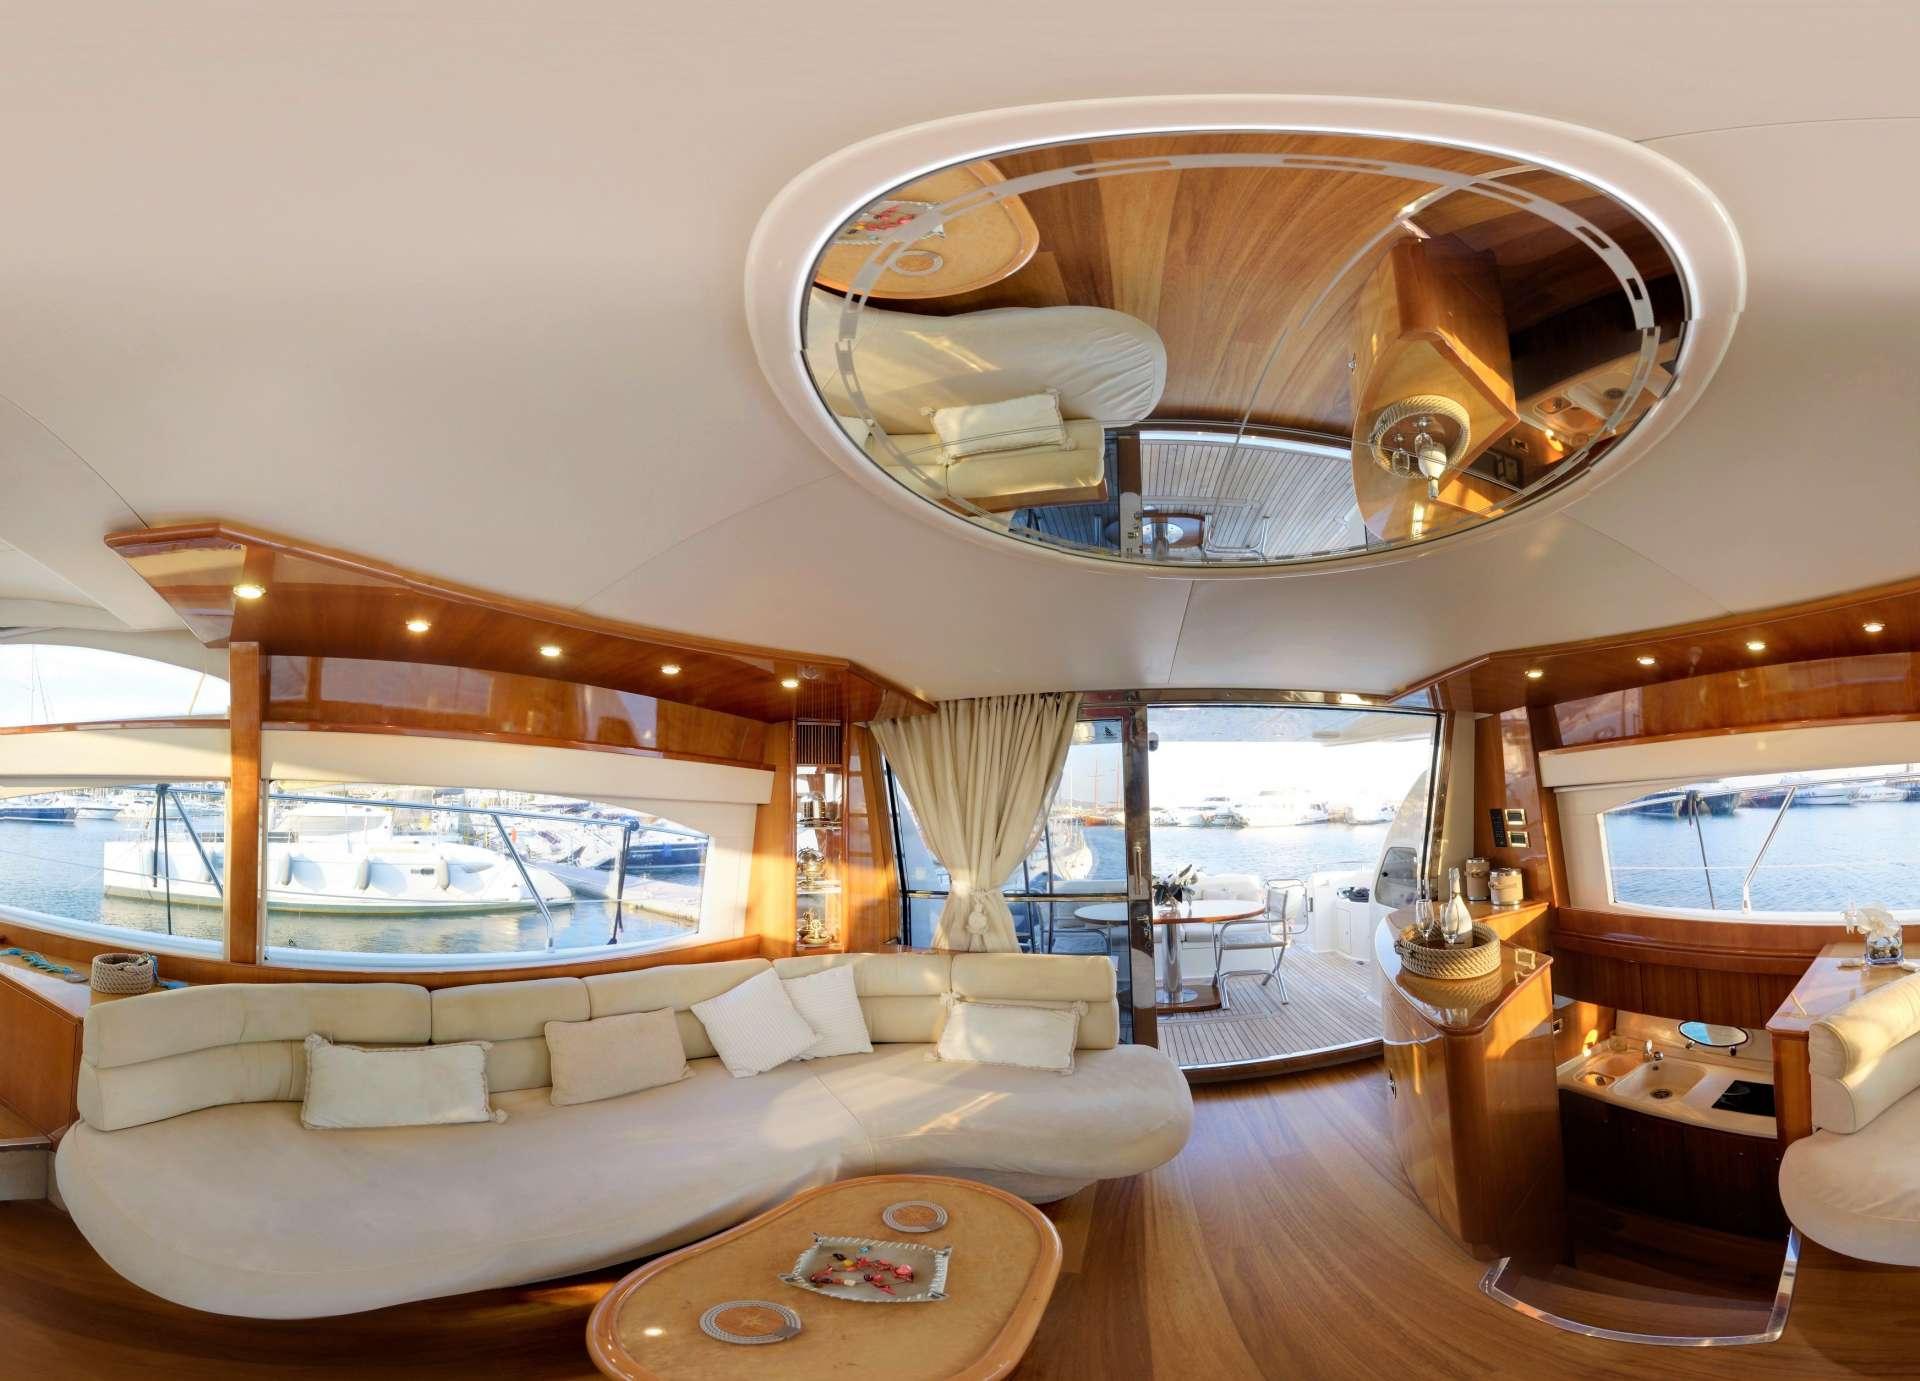 AVENTURA II yacht main image